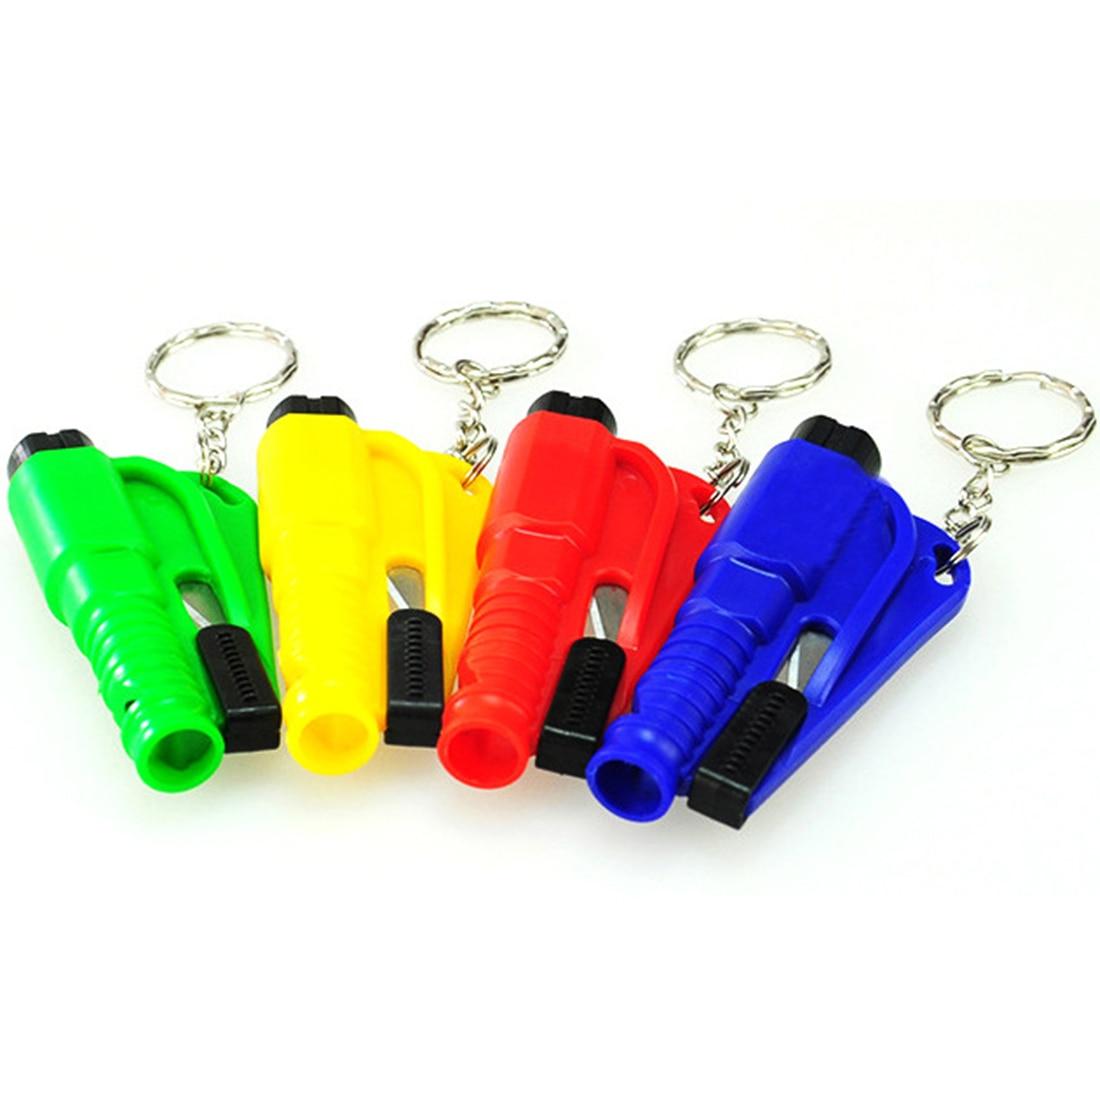 Werkzeuge Hammer 5 Farben Auto Auto Mini Sicherheit Glas Fenster Brechen Hammer Notfall Flucht Rescue Tool Mit Keychain Sitz Gürtel Messer Cutter Direktverkaufspreis